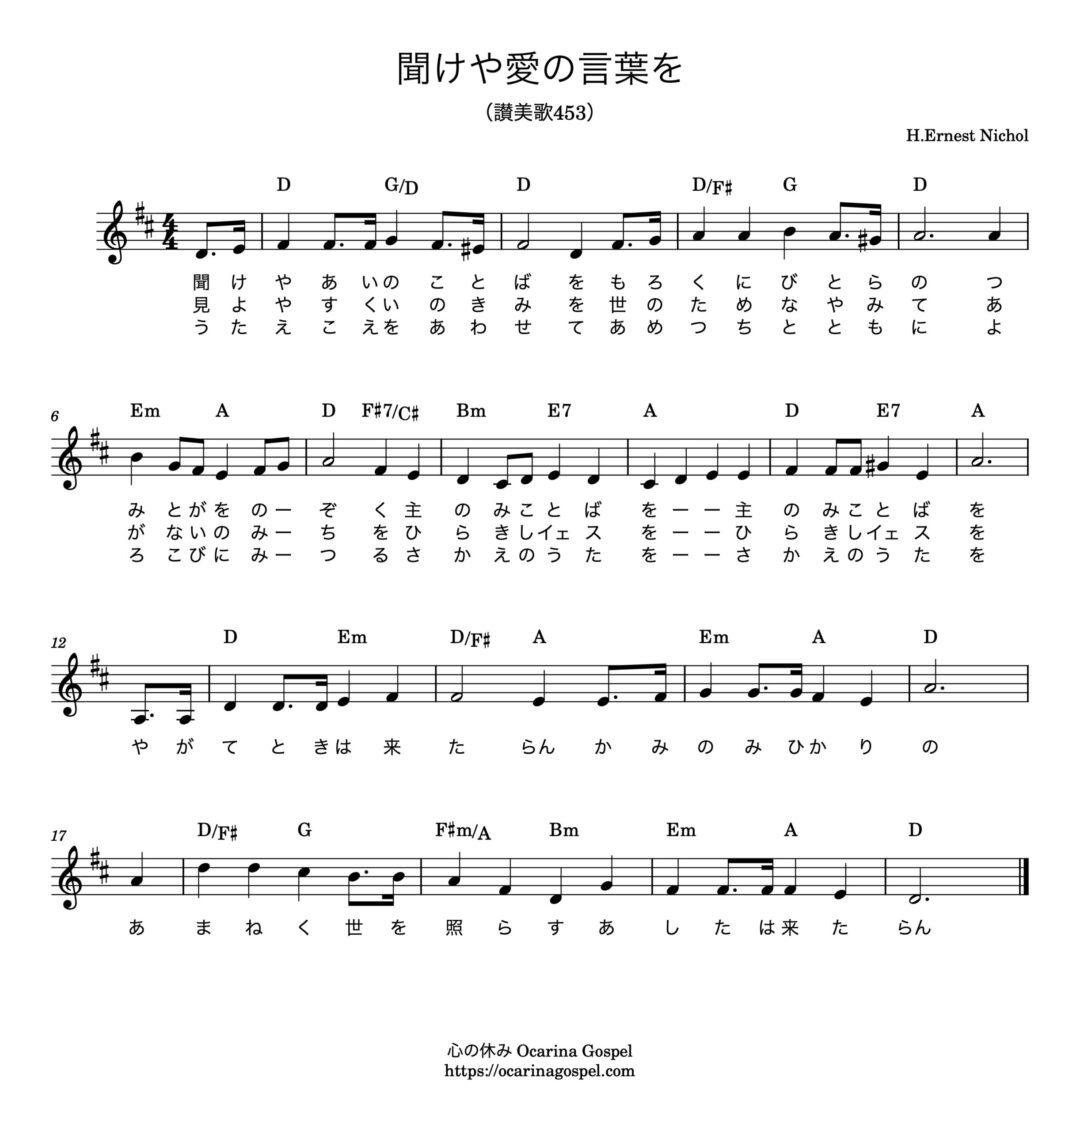 聞けや愛の言葉を 楽譜 ピアノ コード